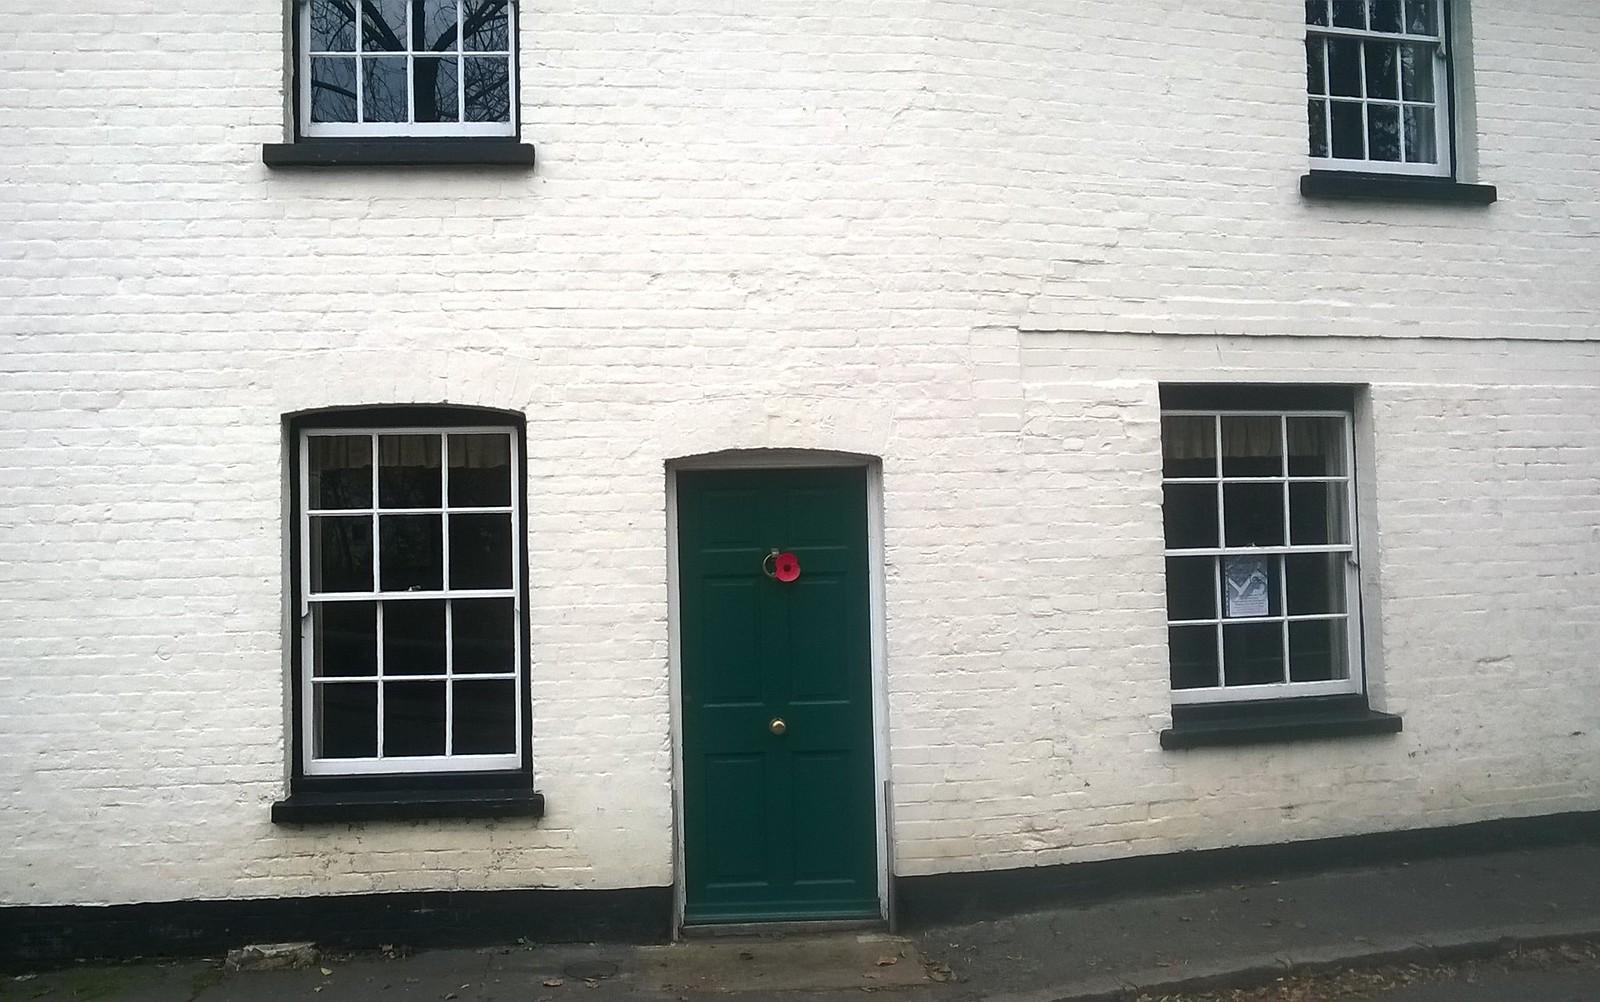 Poppy on house in Shoreham